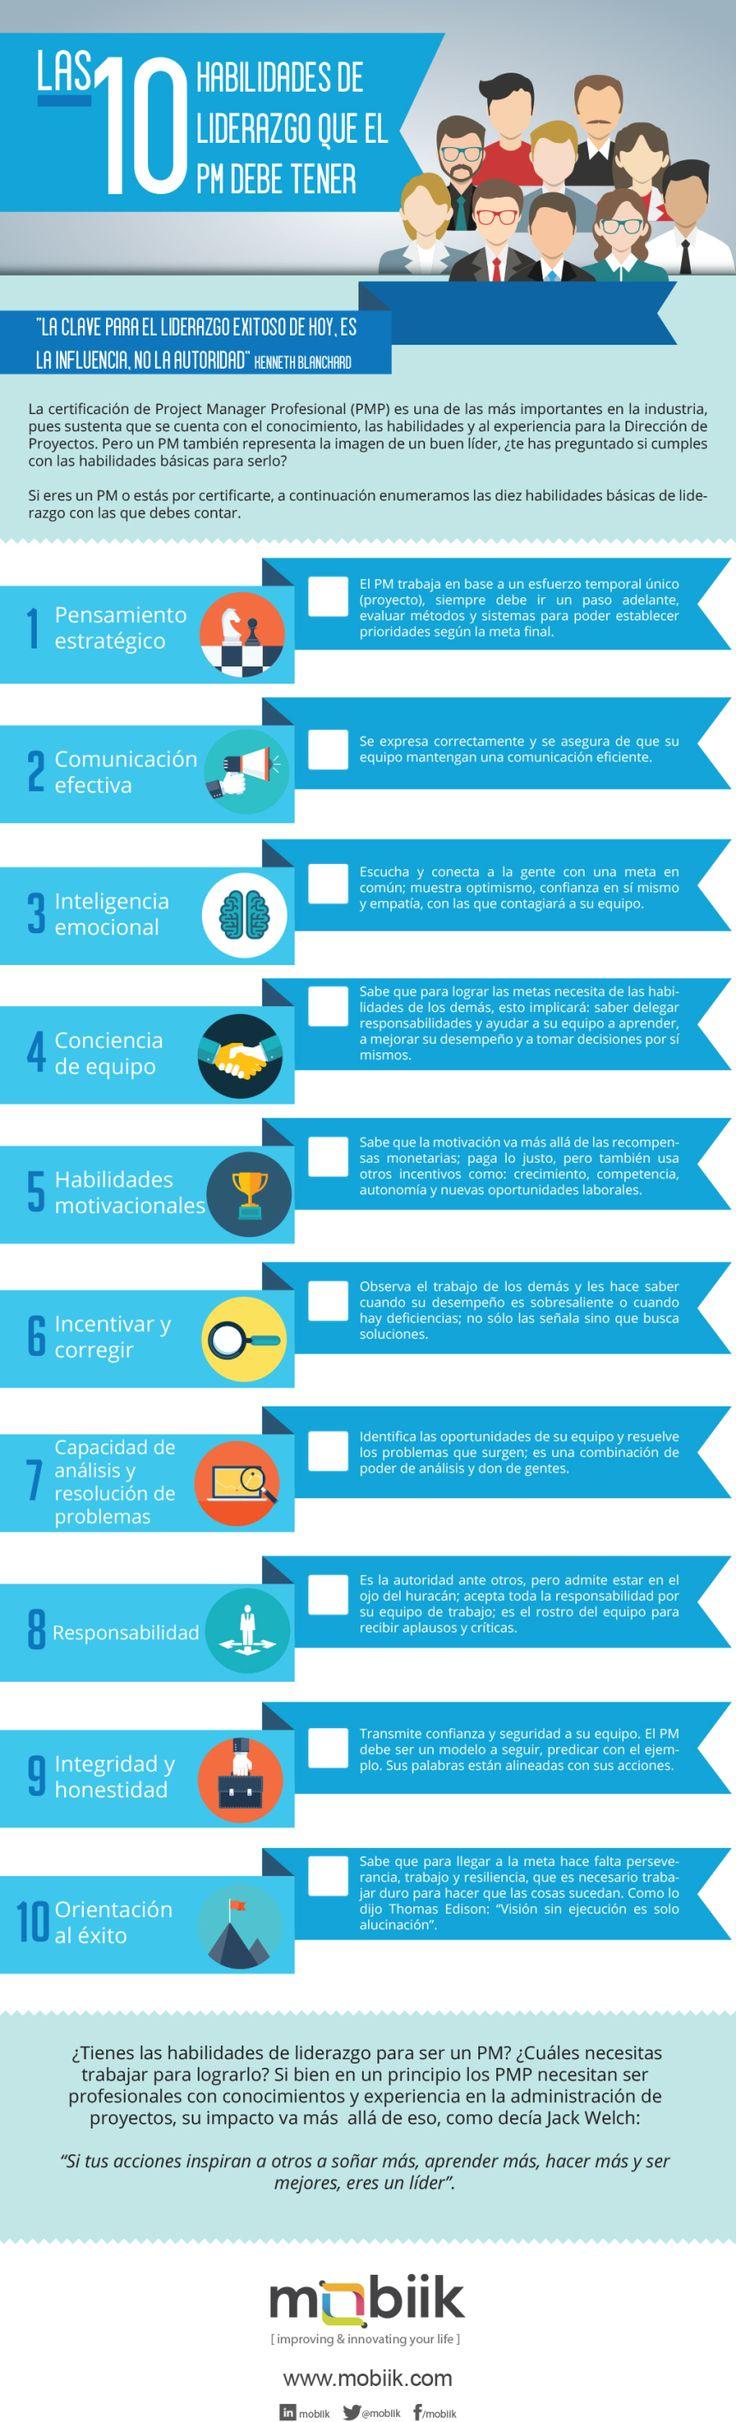 10 habilidades de liderazgo que un Project Manager debe tener #infografia #leadership                                                                                                                                                      Más